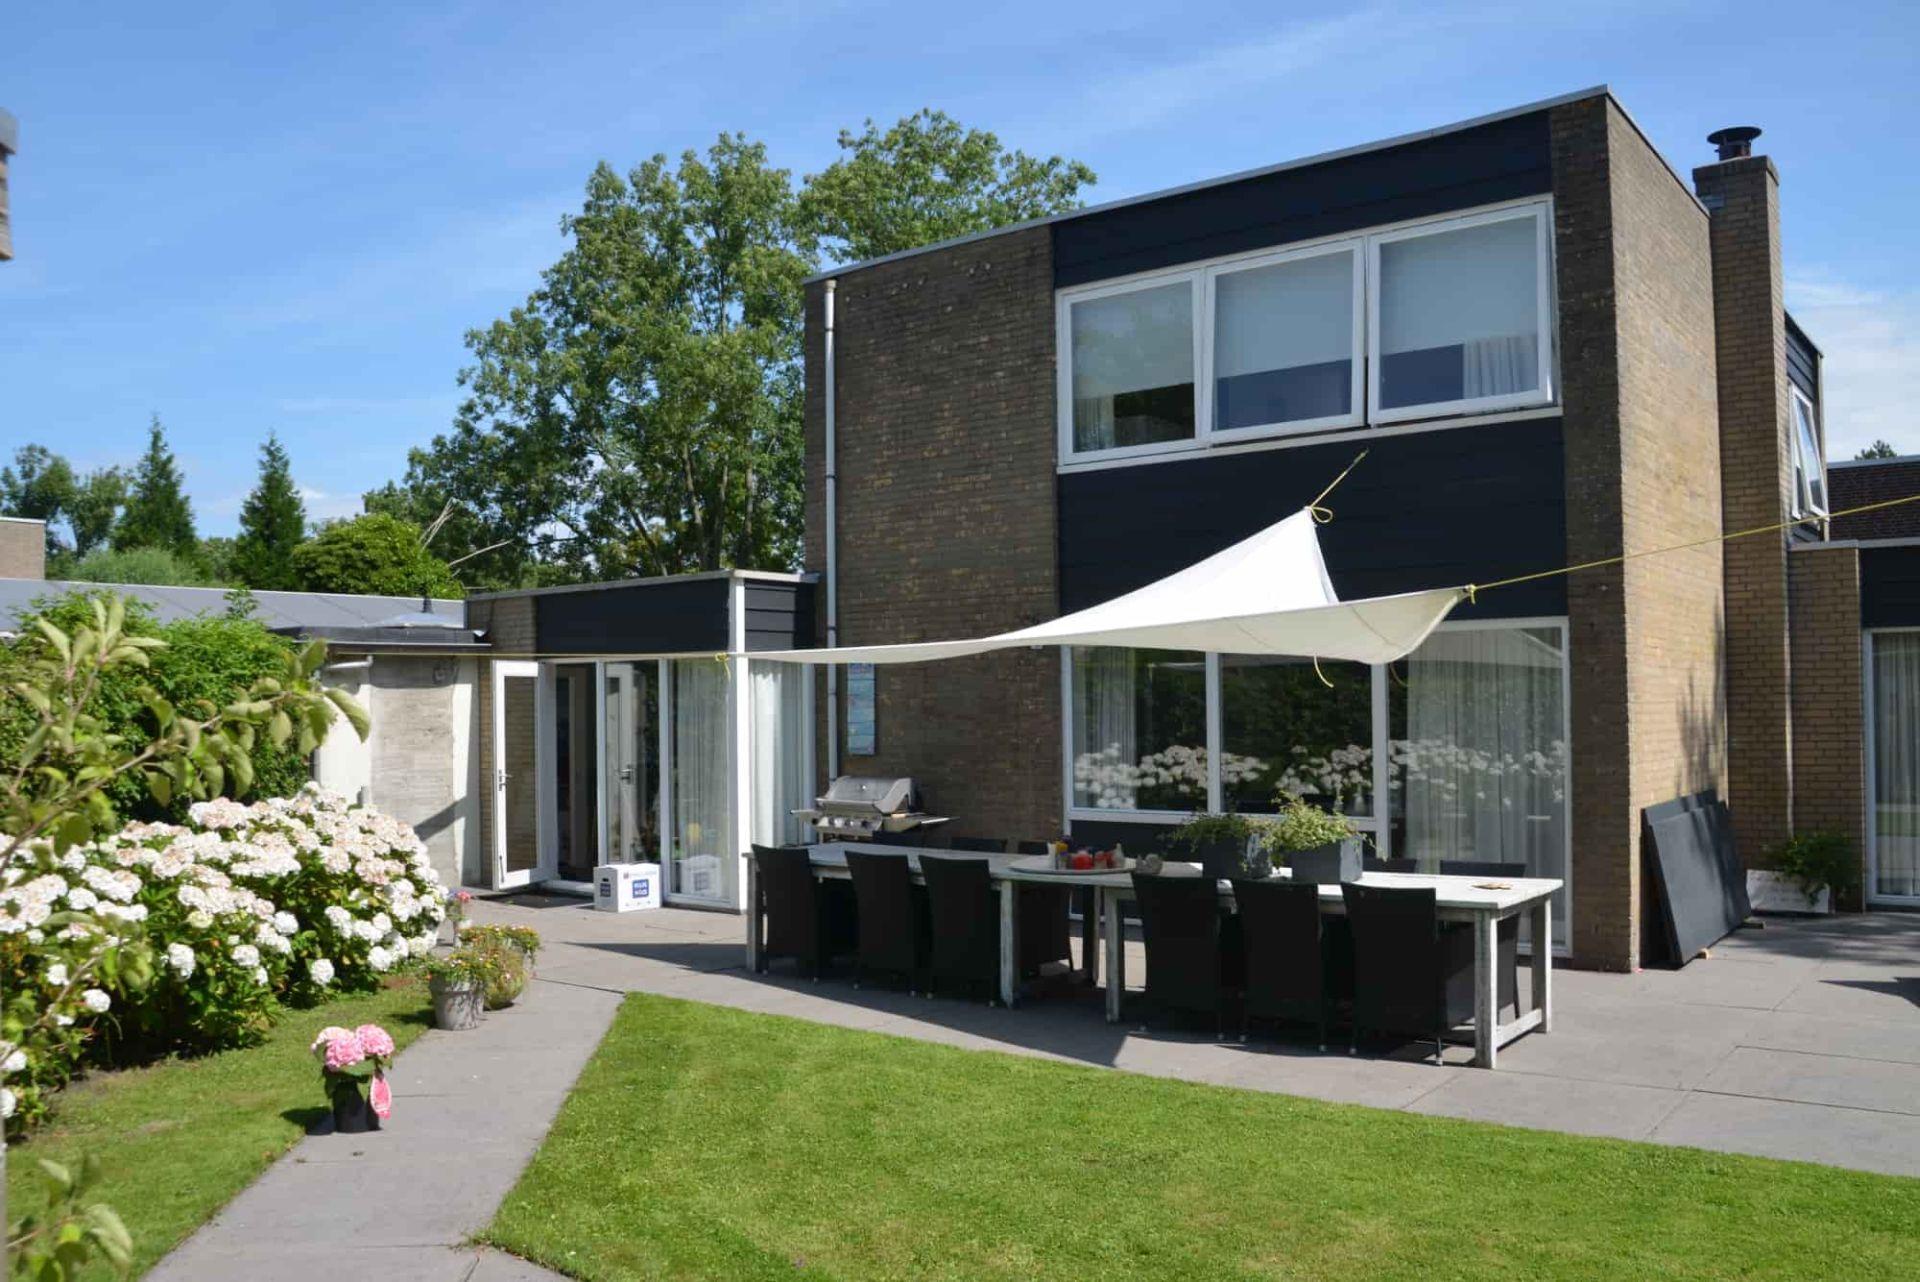 Villa de Nes is een heerlijke villa voor 6 personen in Bergen, gelegen in een rustige wijk.